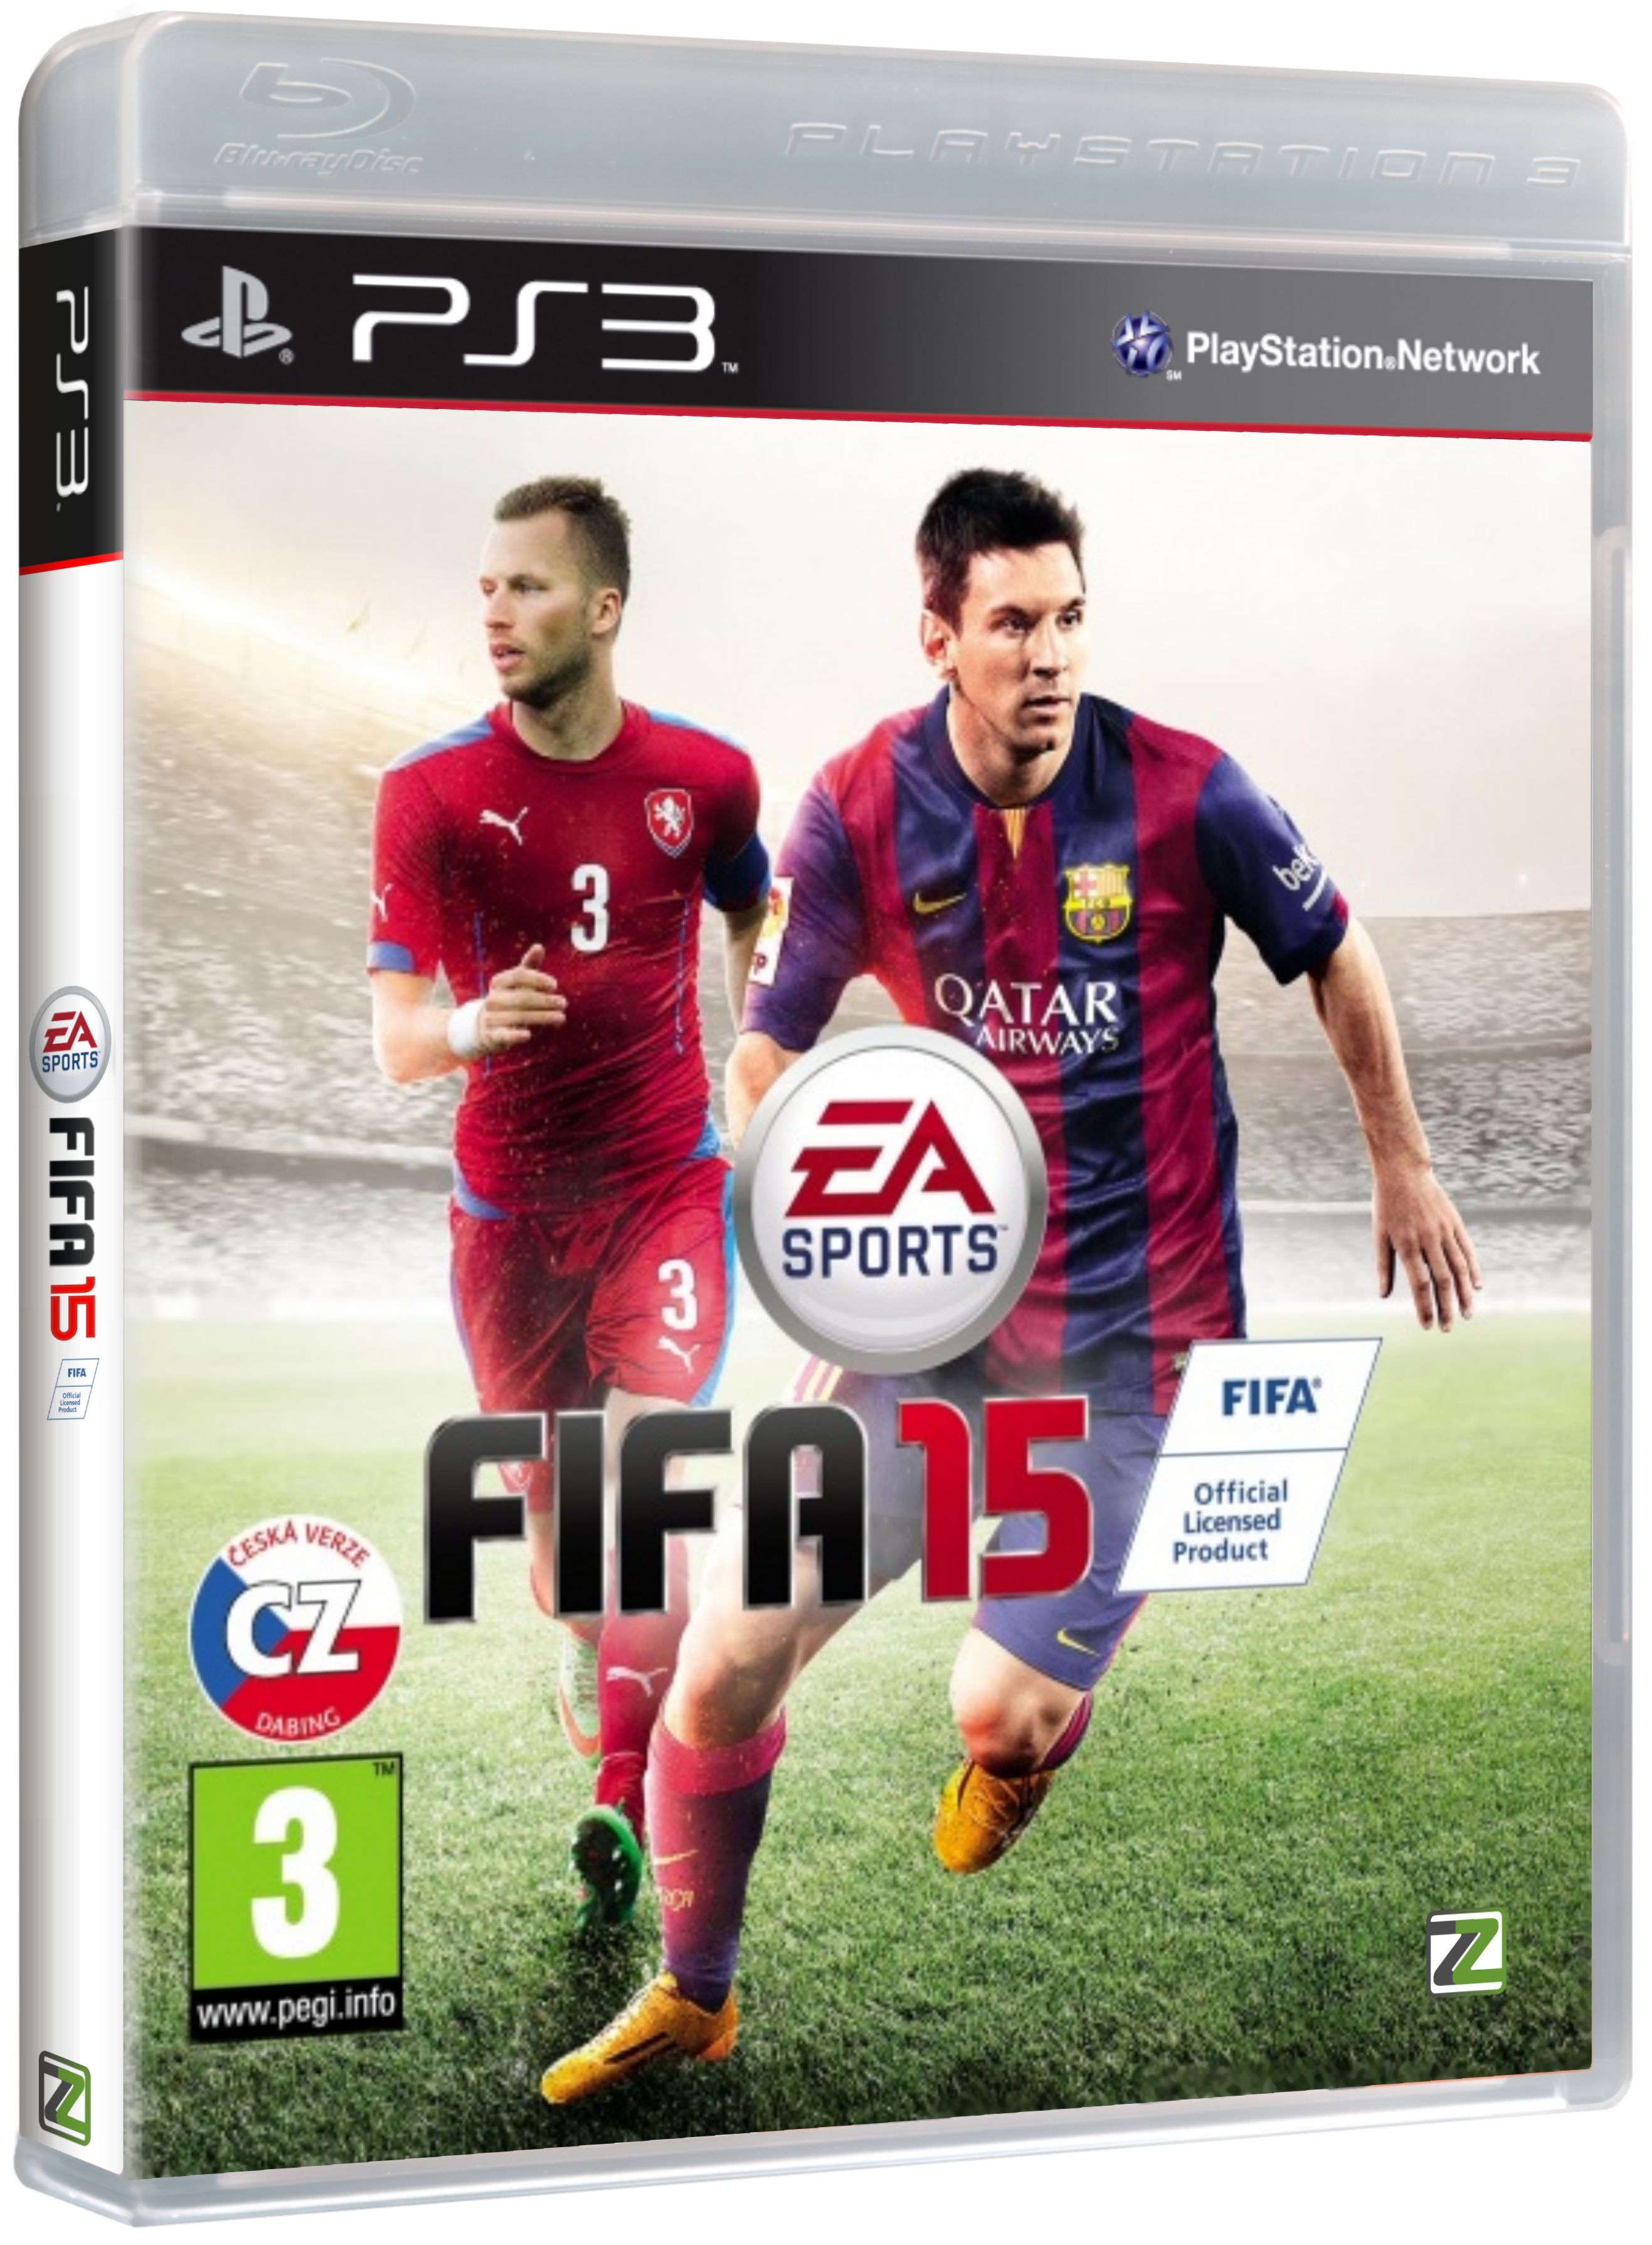 FIFA 15 CZ - PS3